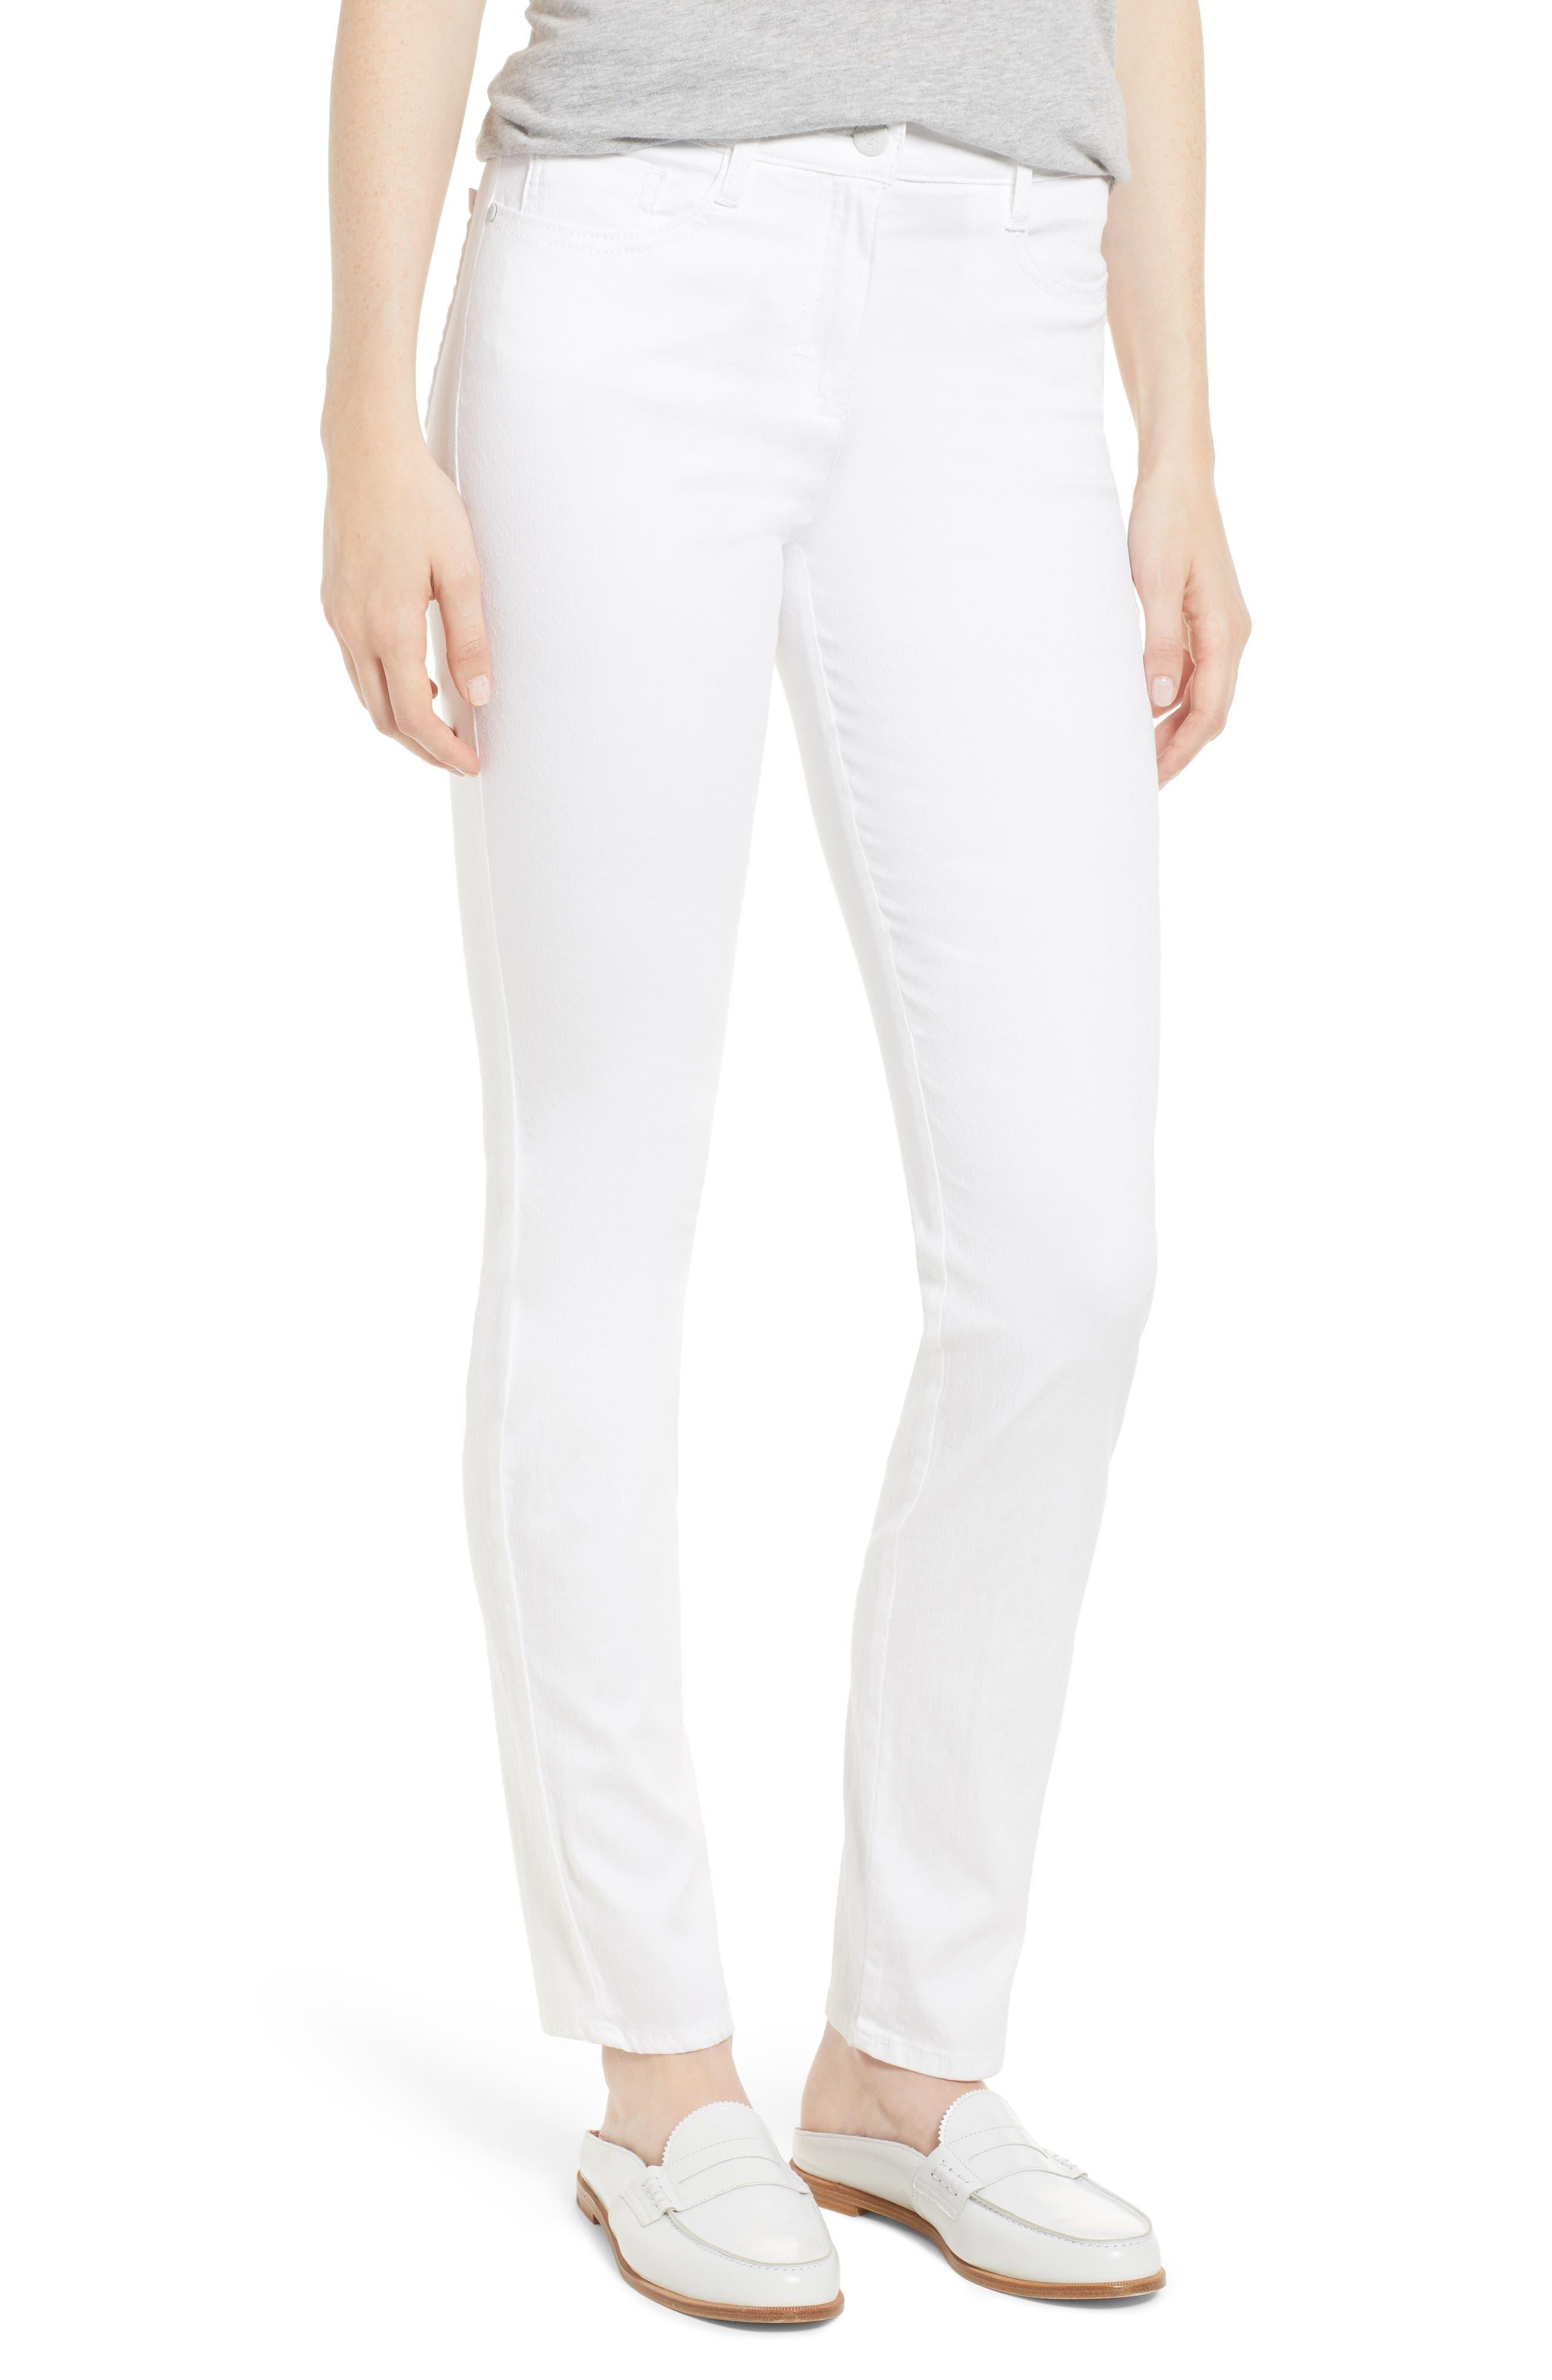 Shakira White Jeans,                             Main thumbnail 1, color,                             White